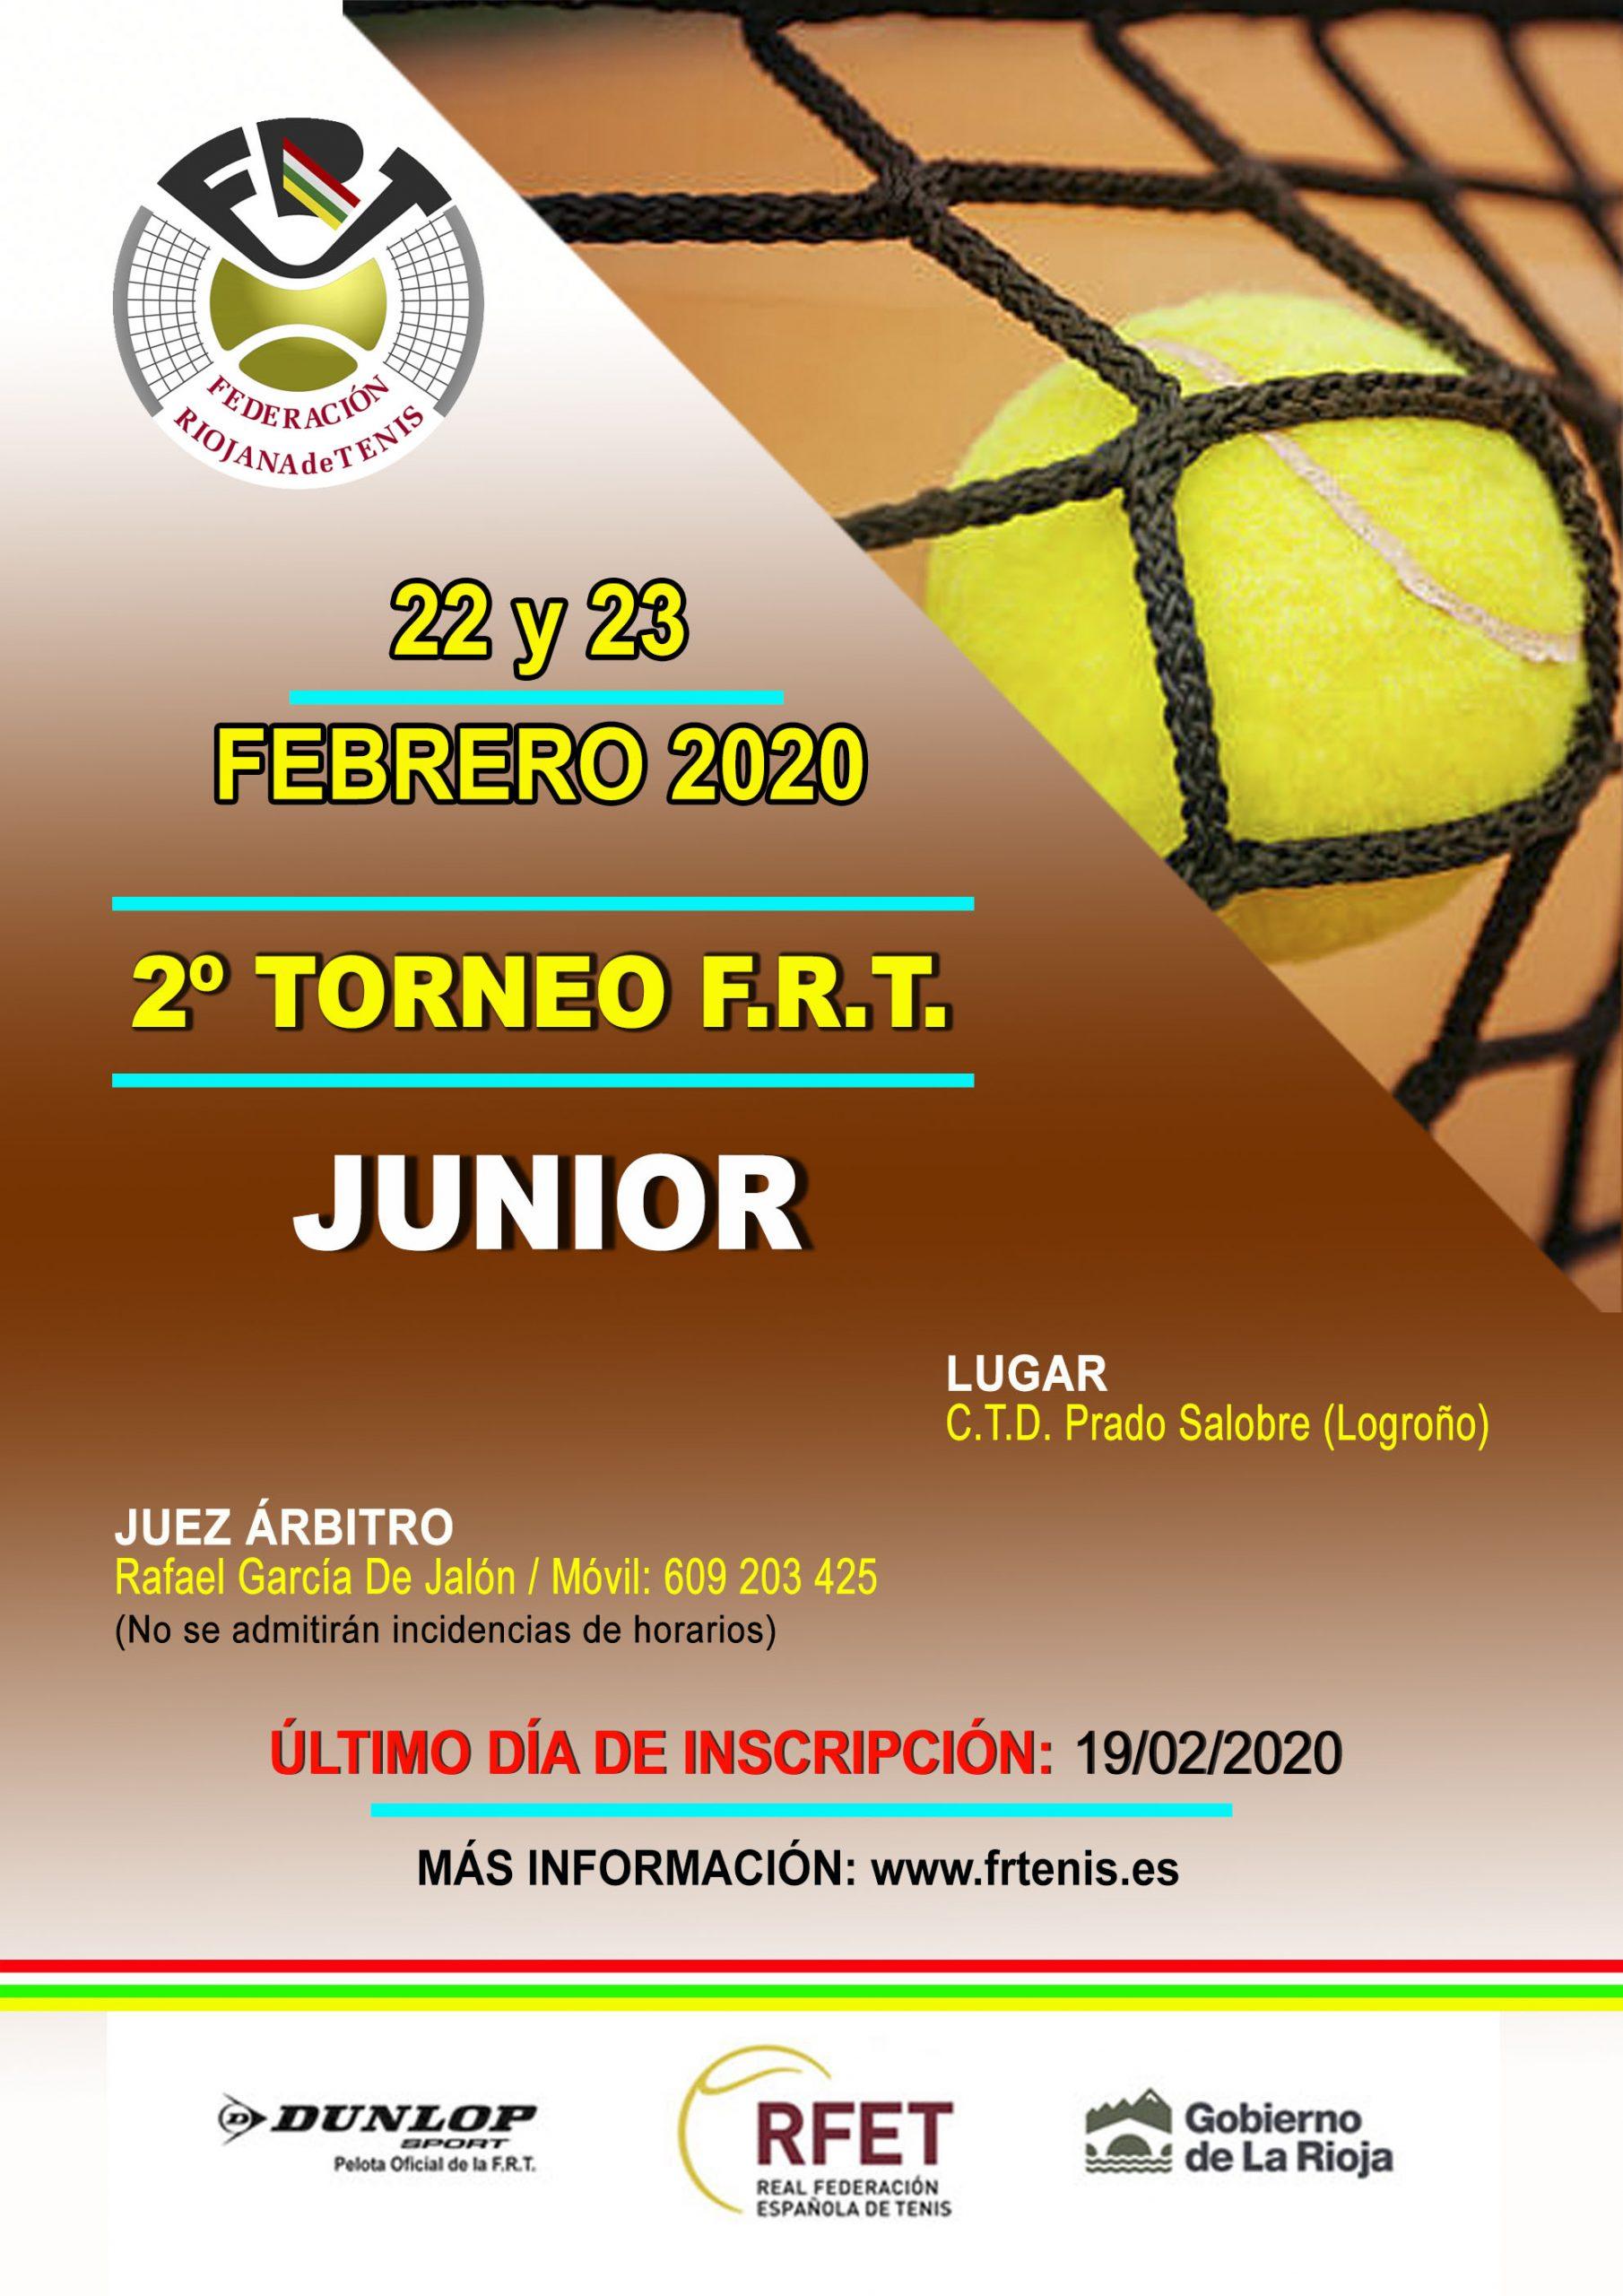 2º Torneo F.R.T.